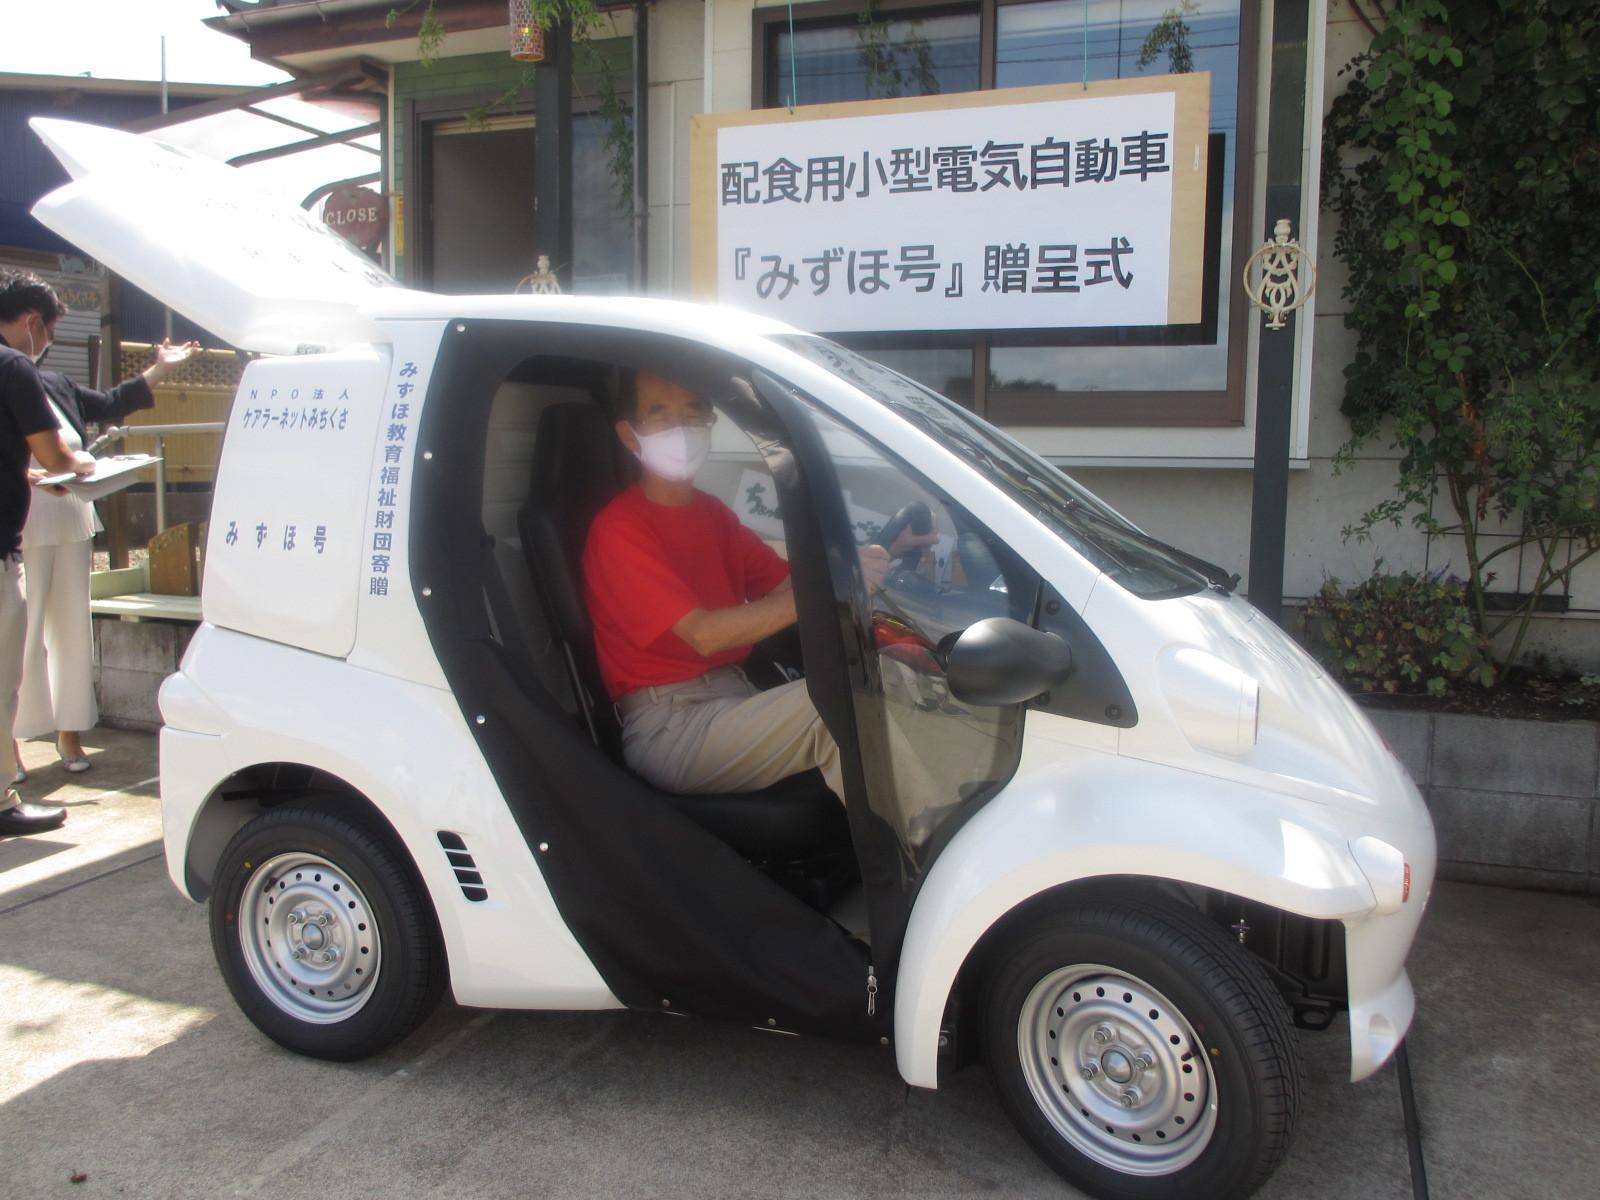 配食用小型自動車贈呈式が行われました_b0341675_14375076.jpg